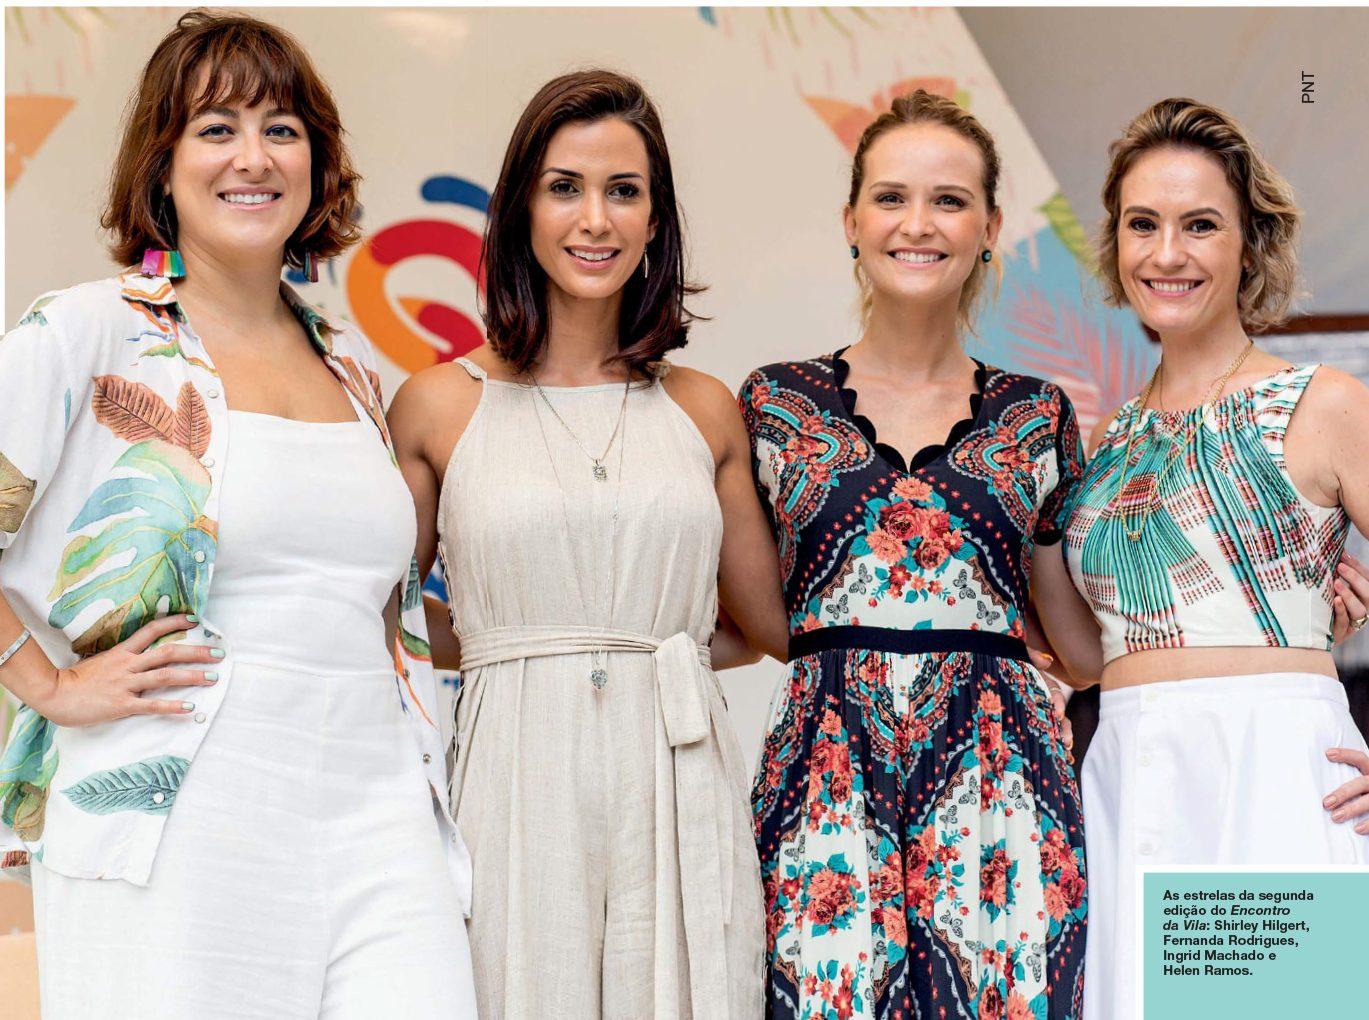 Encontro na Vila reuniu a atriz Fernanda Rodrigues e influenciadoras saiu na revista CARAS